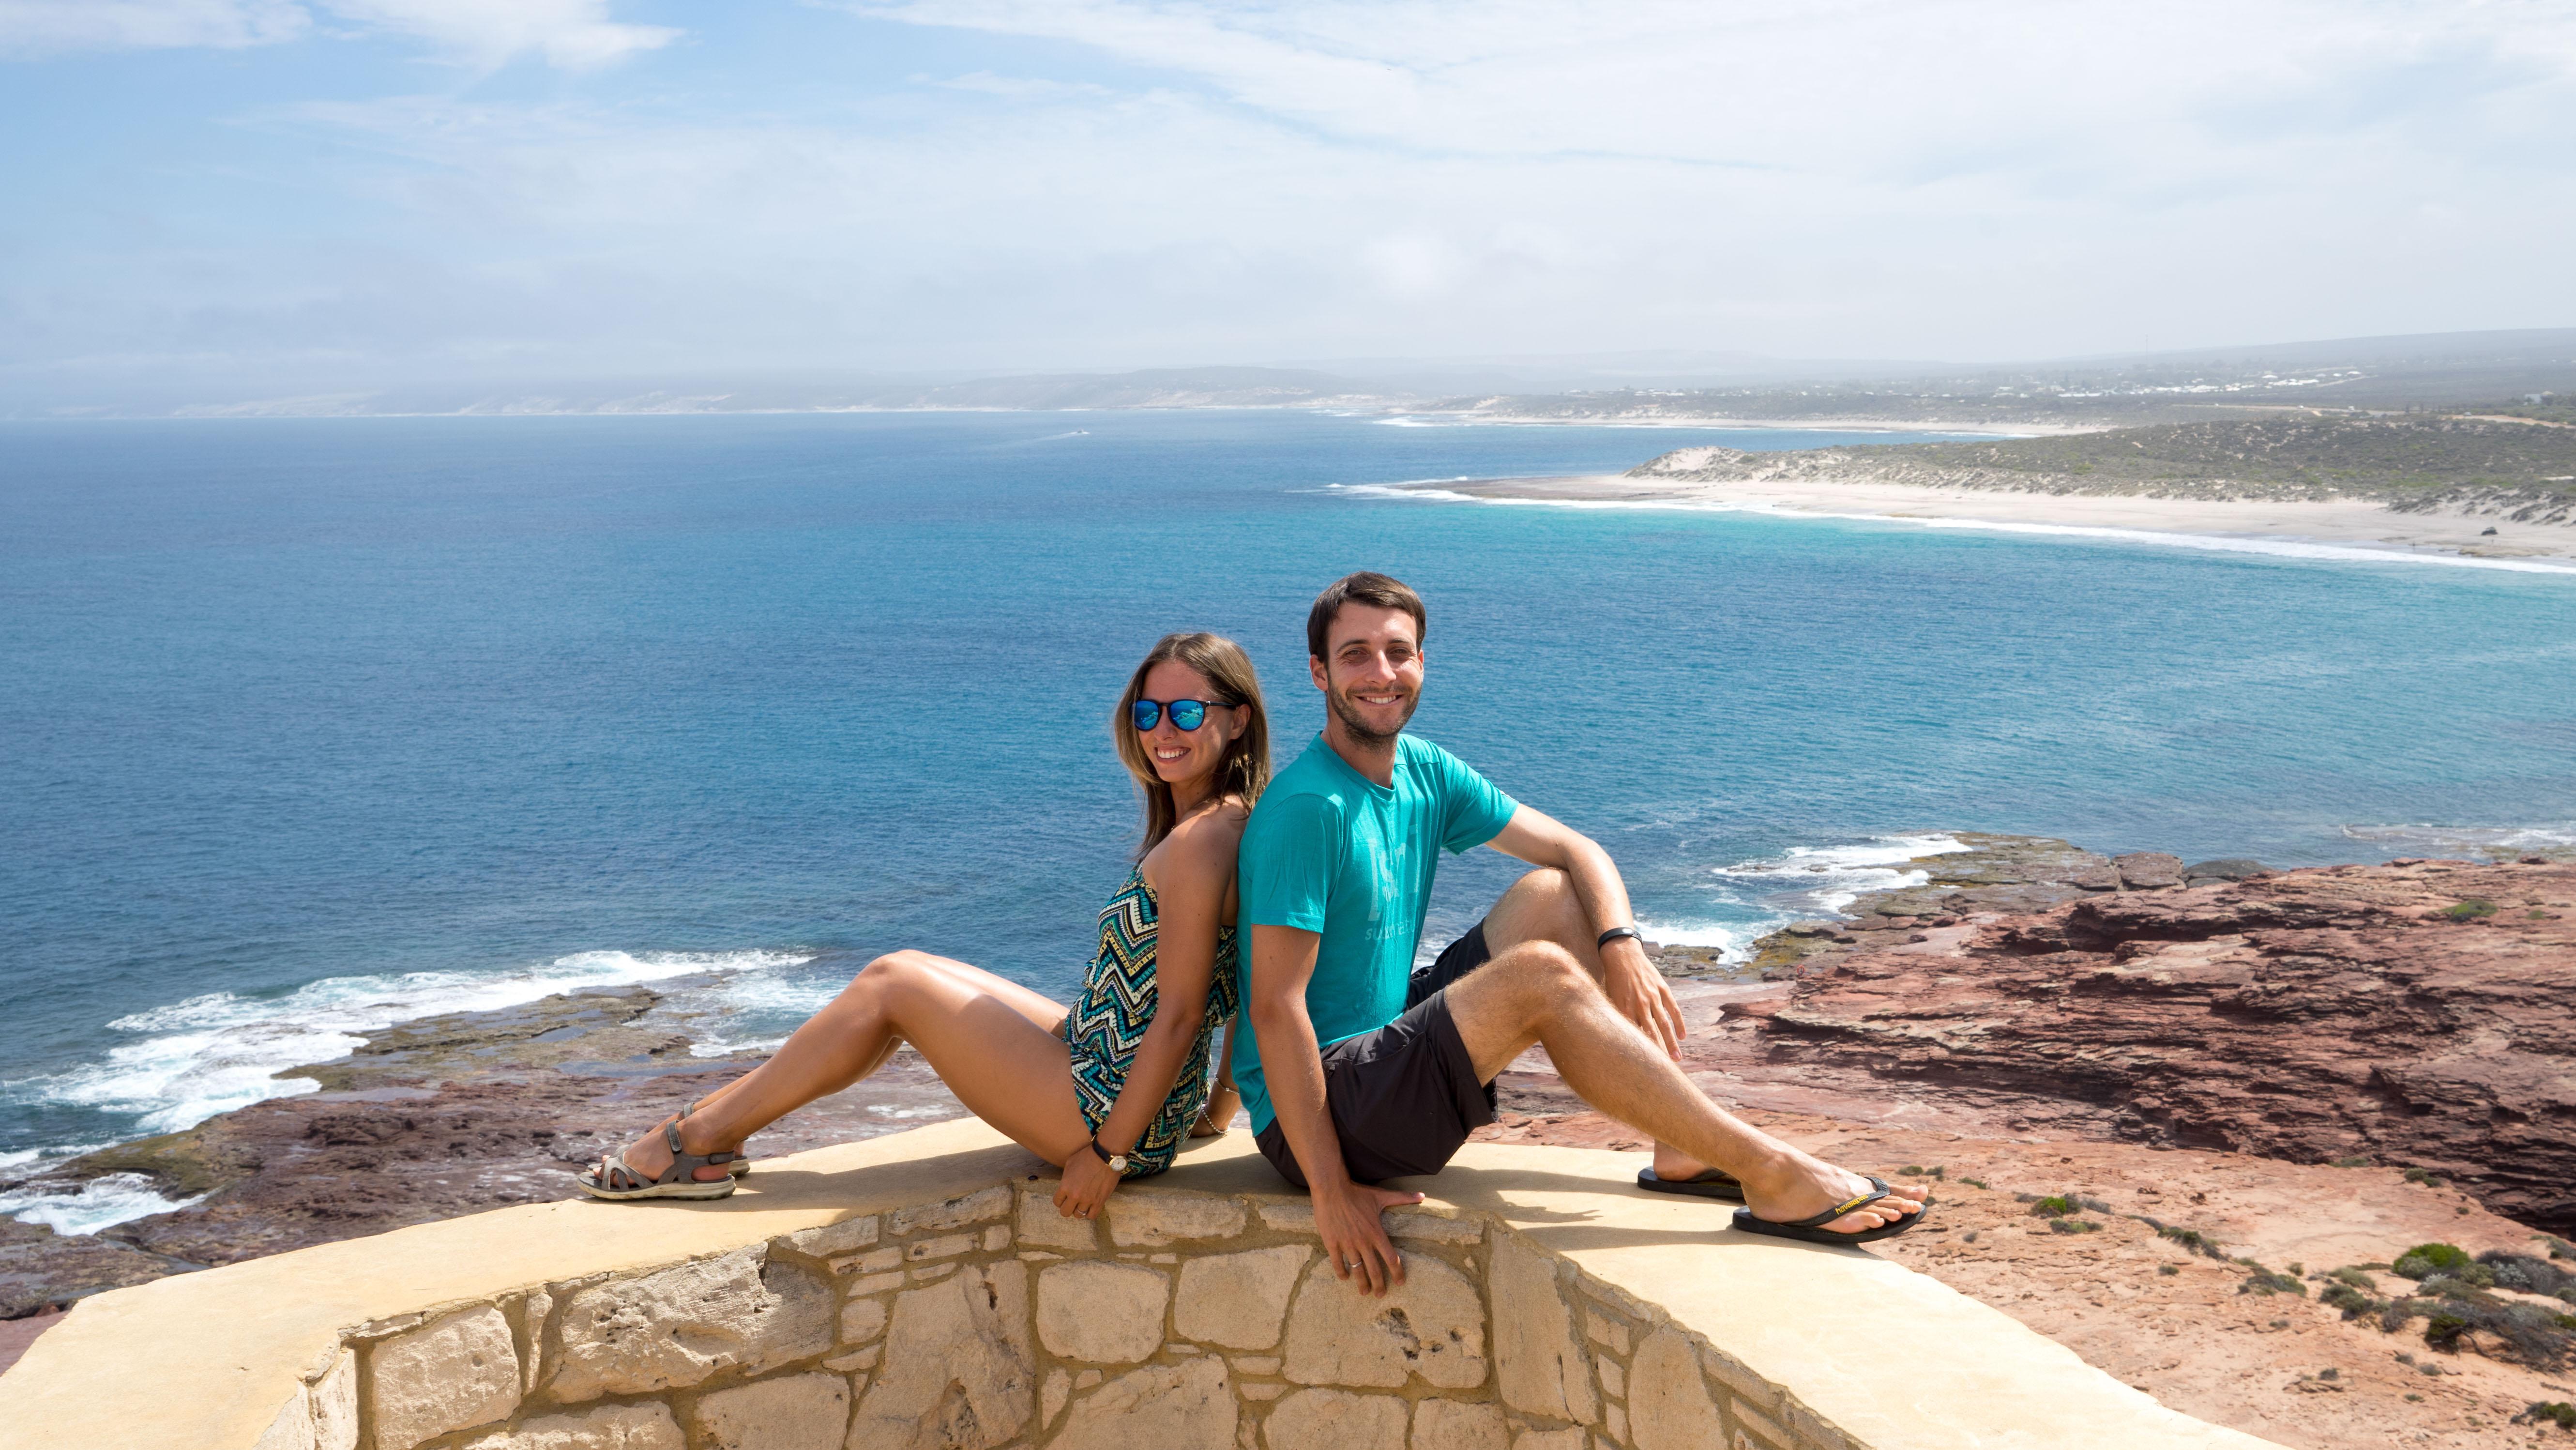 Kalbarri National Park – Steilküsten, Schluchten und bizarre Felsen